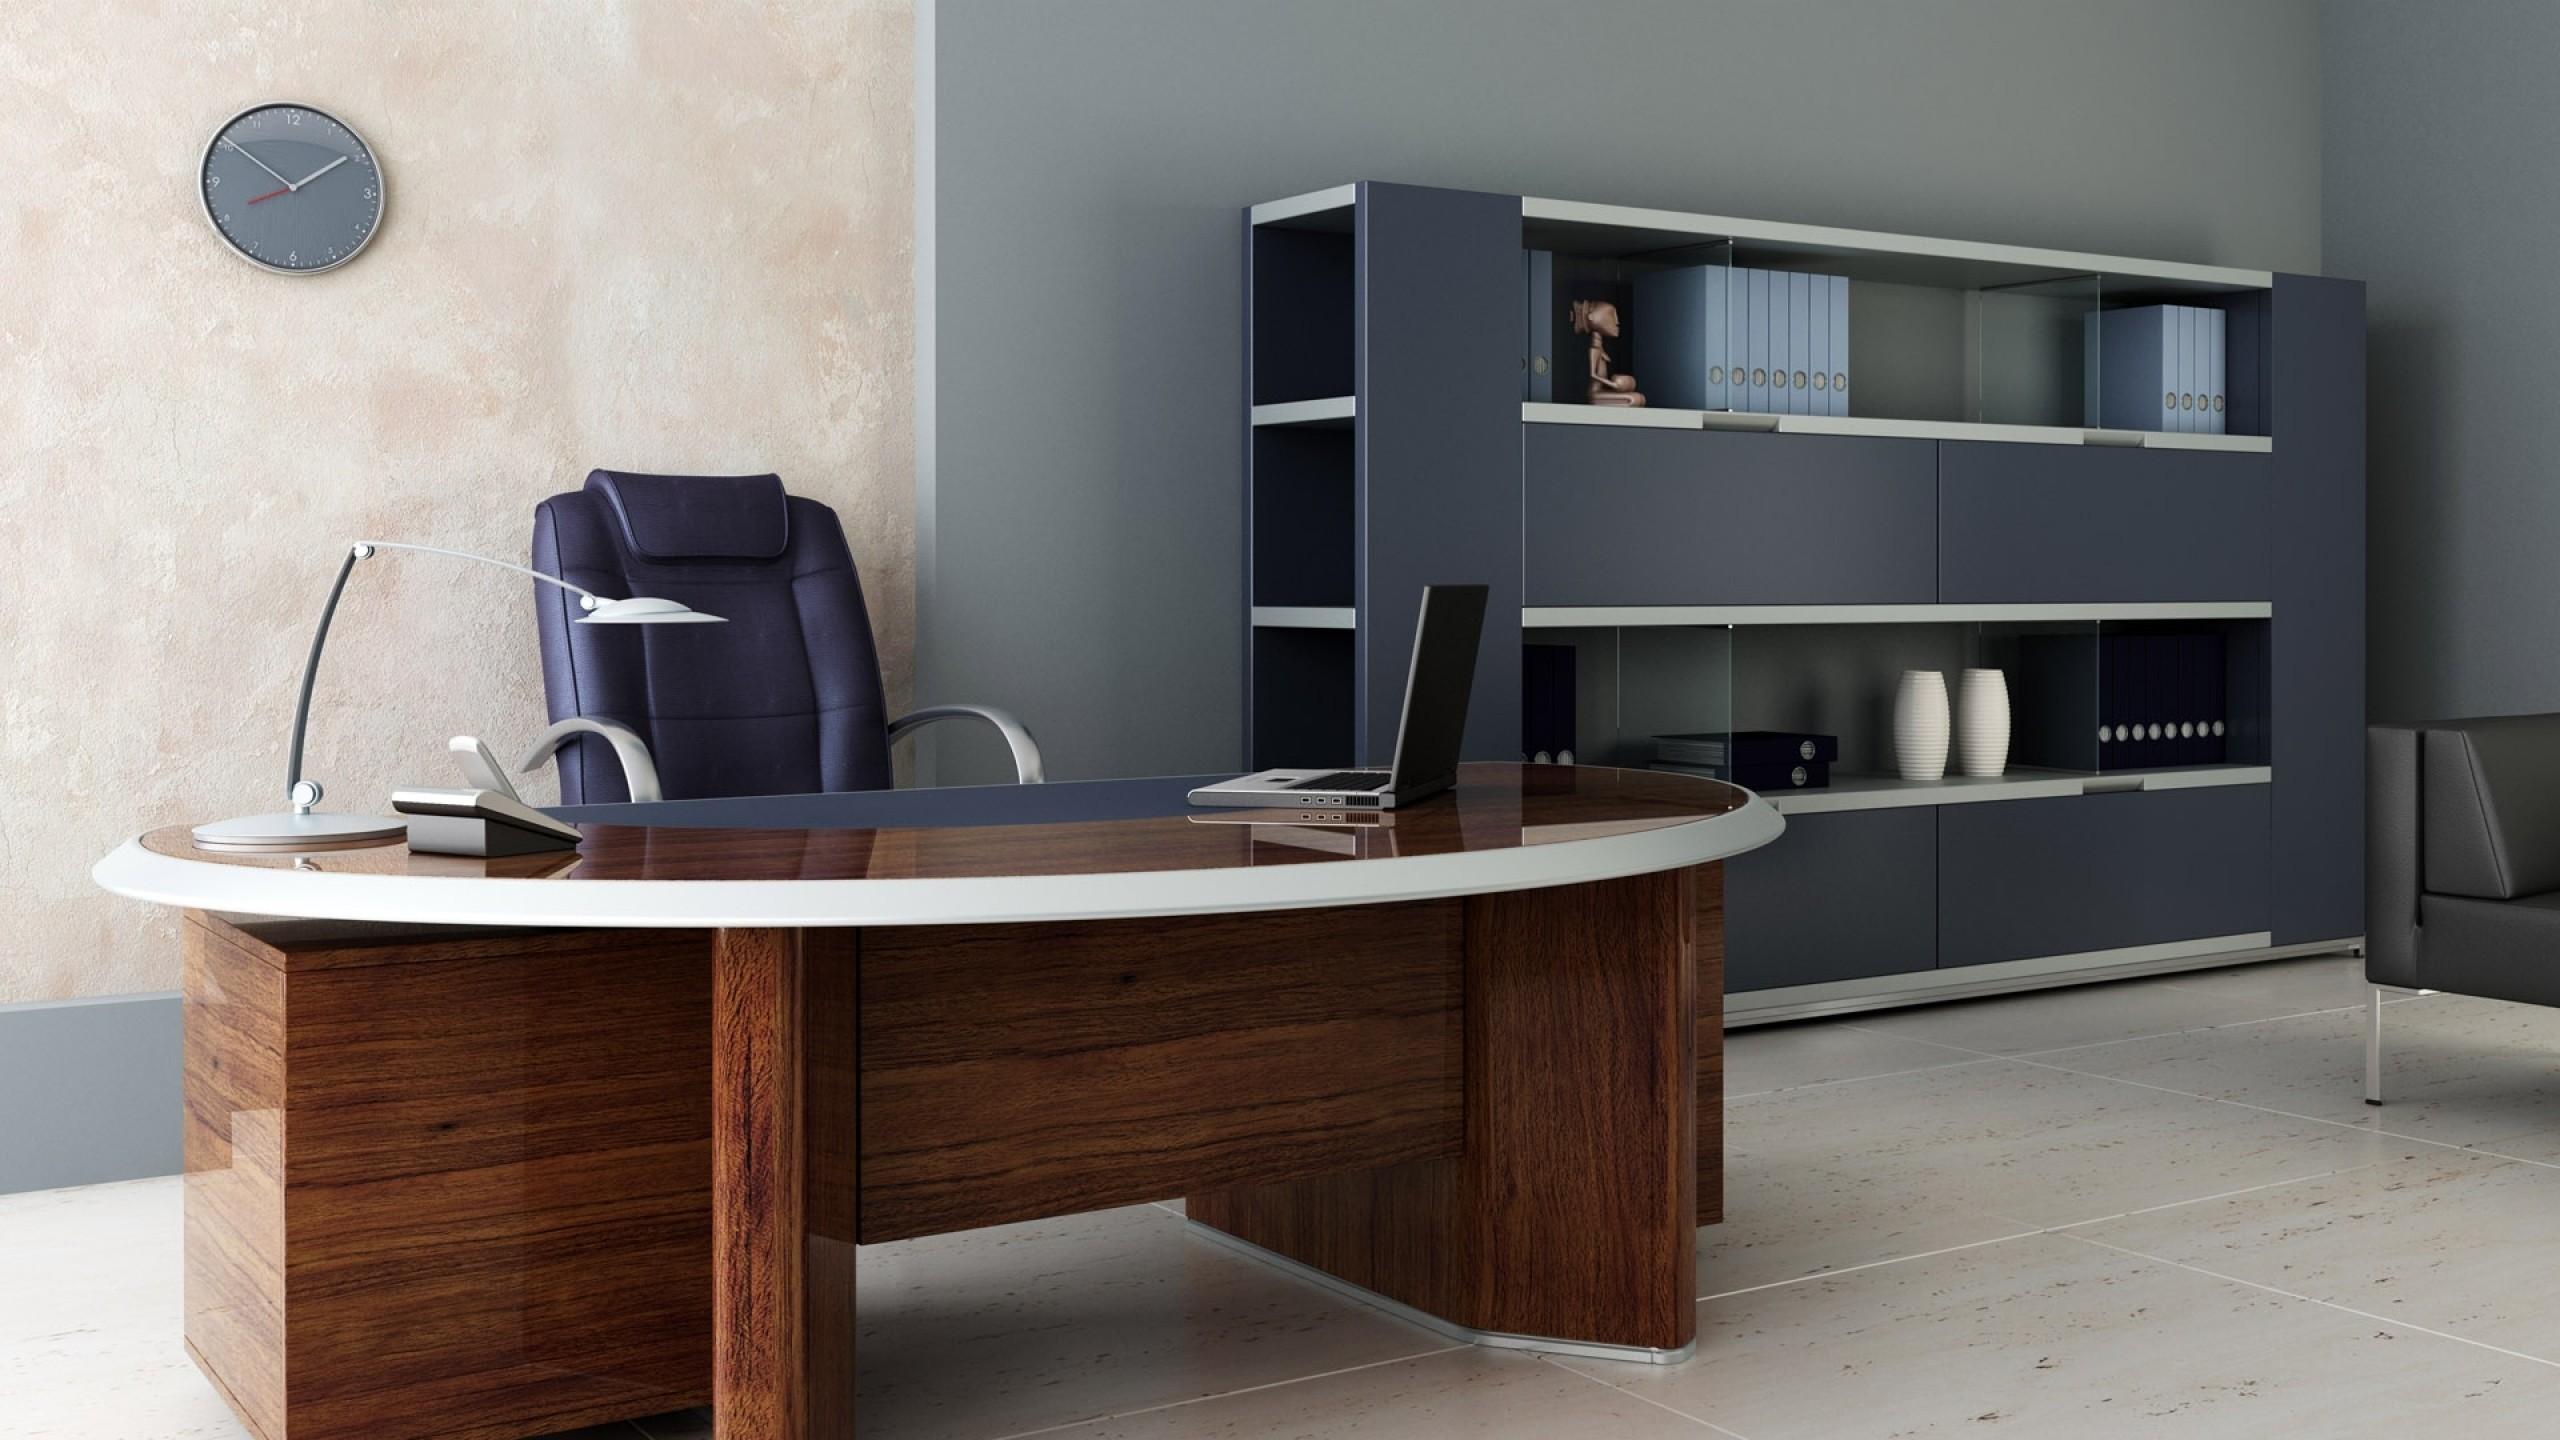 Wallpaper room, office, desk, chair, shelves